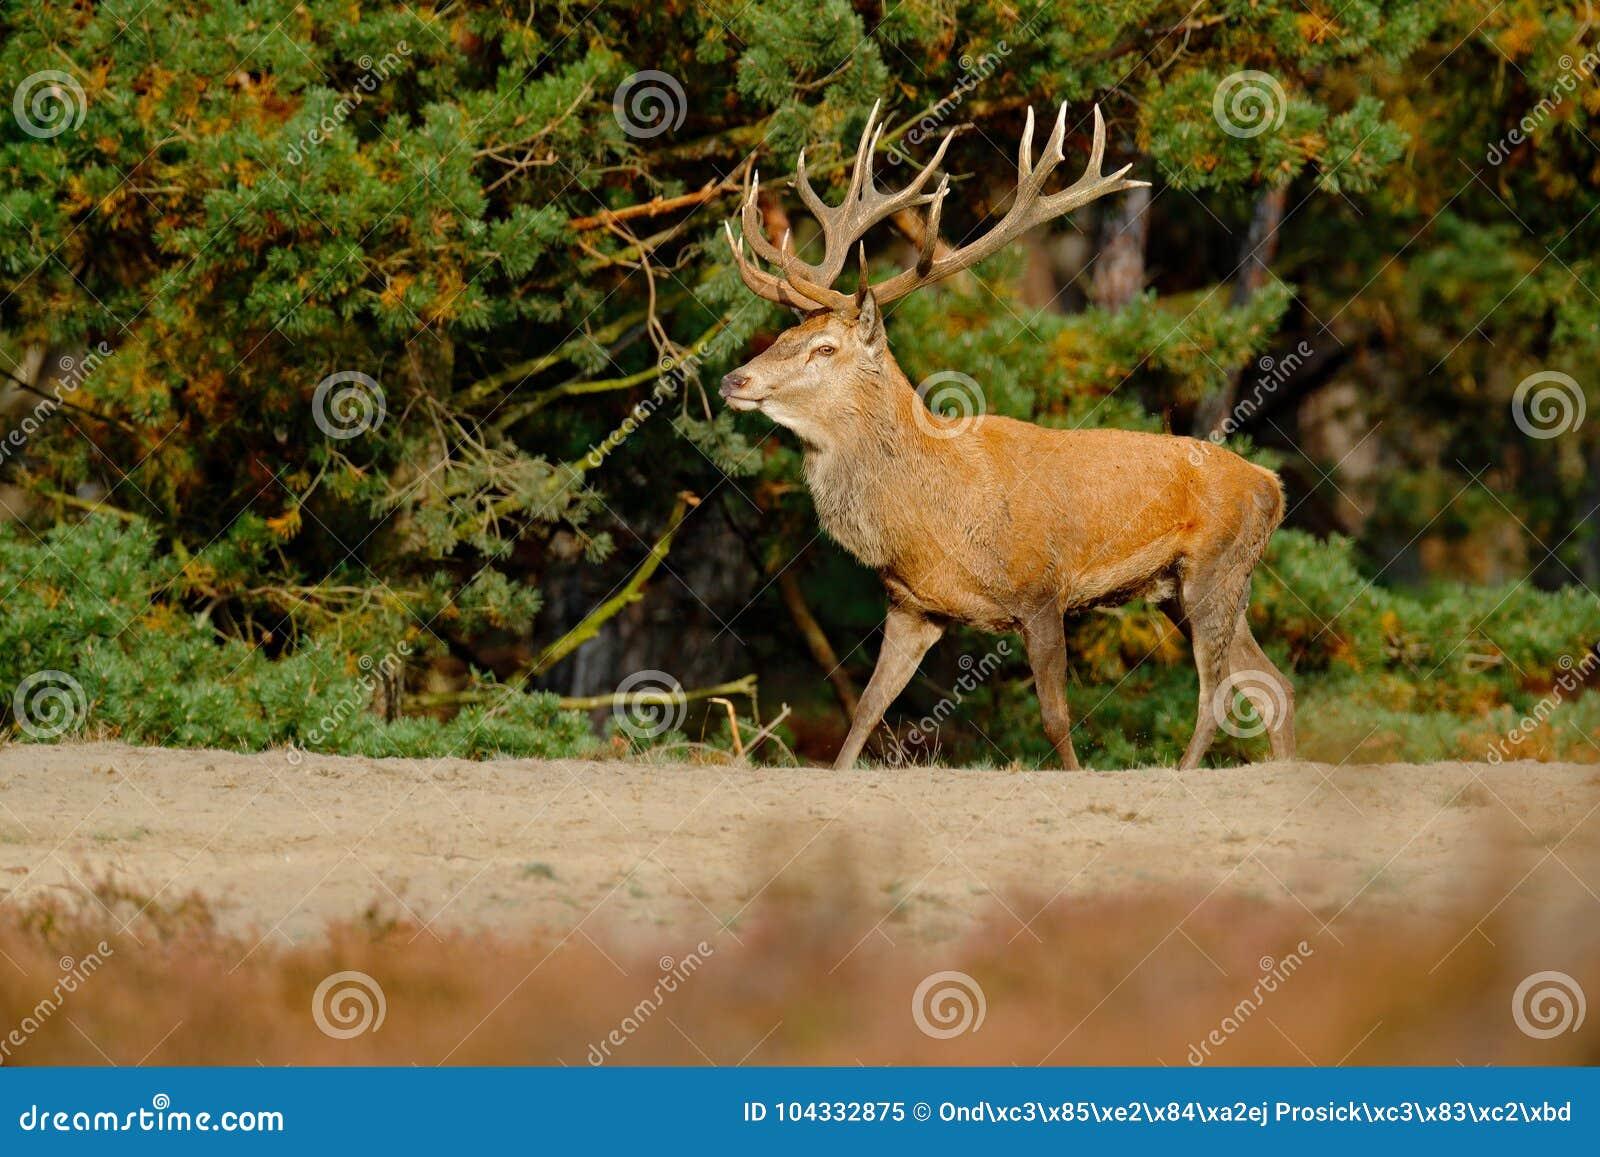 Сцена живой природы, природа Вересковая пустошь вереска, поведение животного осени Красные олени, прокладывать сезон, Hoge Veluwe